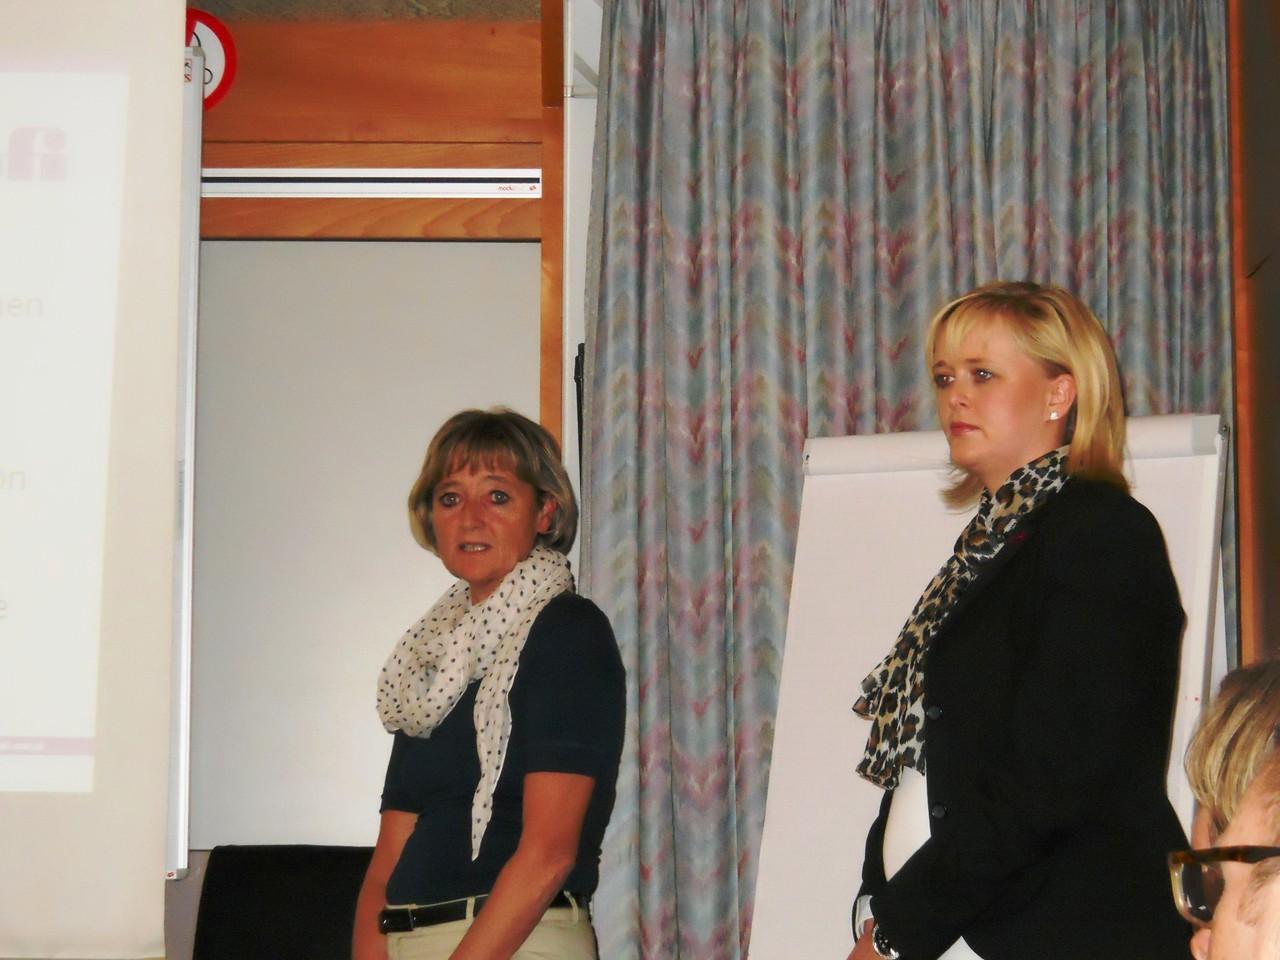 Kooperationspartner/BFI OÖ. - Regionalleiterein Fr. Sabine Steffan und Frau Kerstin Winroither stellen sich vor